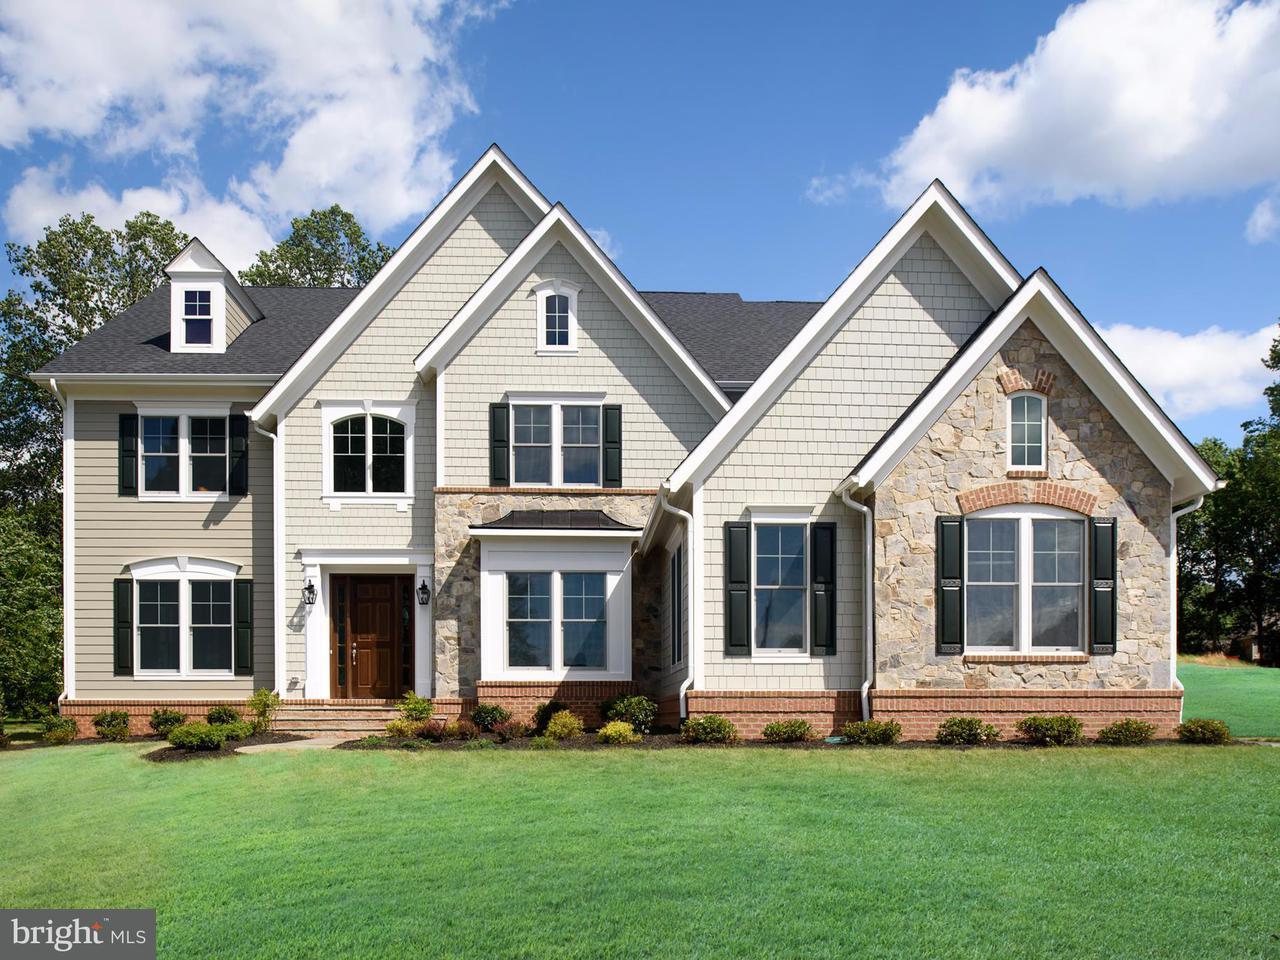 一戸建て のために 売買 アット 11005 TRADEWIND Drive 11005 TRADEWIND Drive Oakton, バージニア 22124 アメリカ合衆国